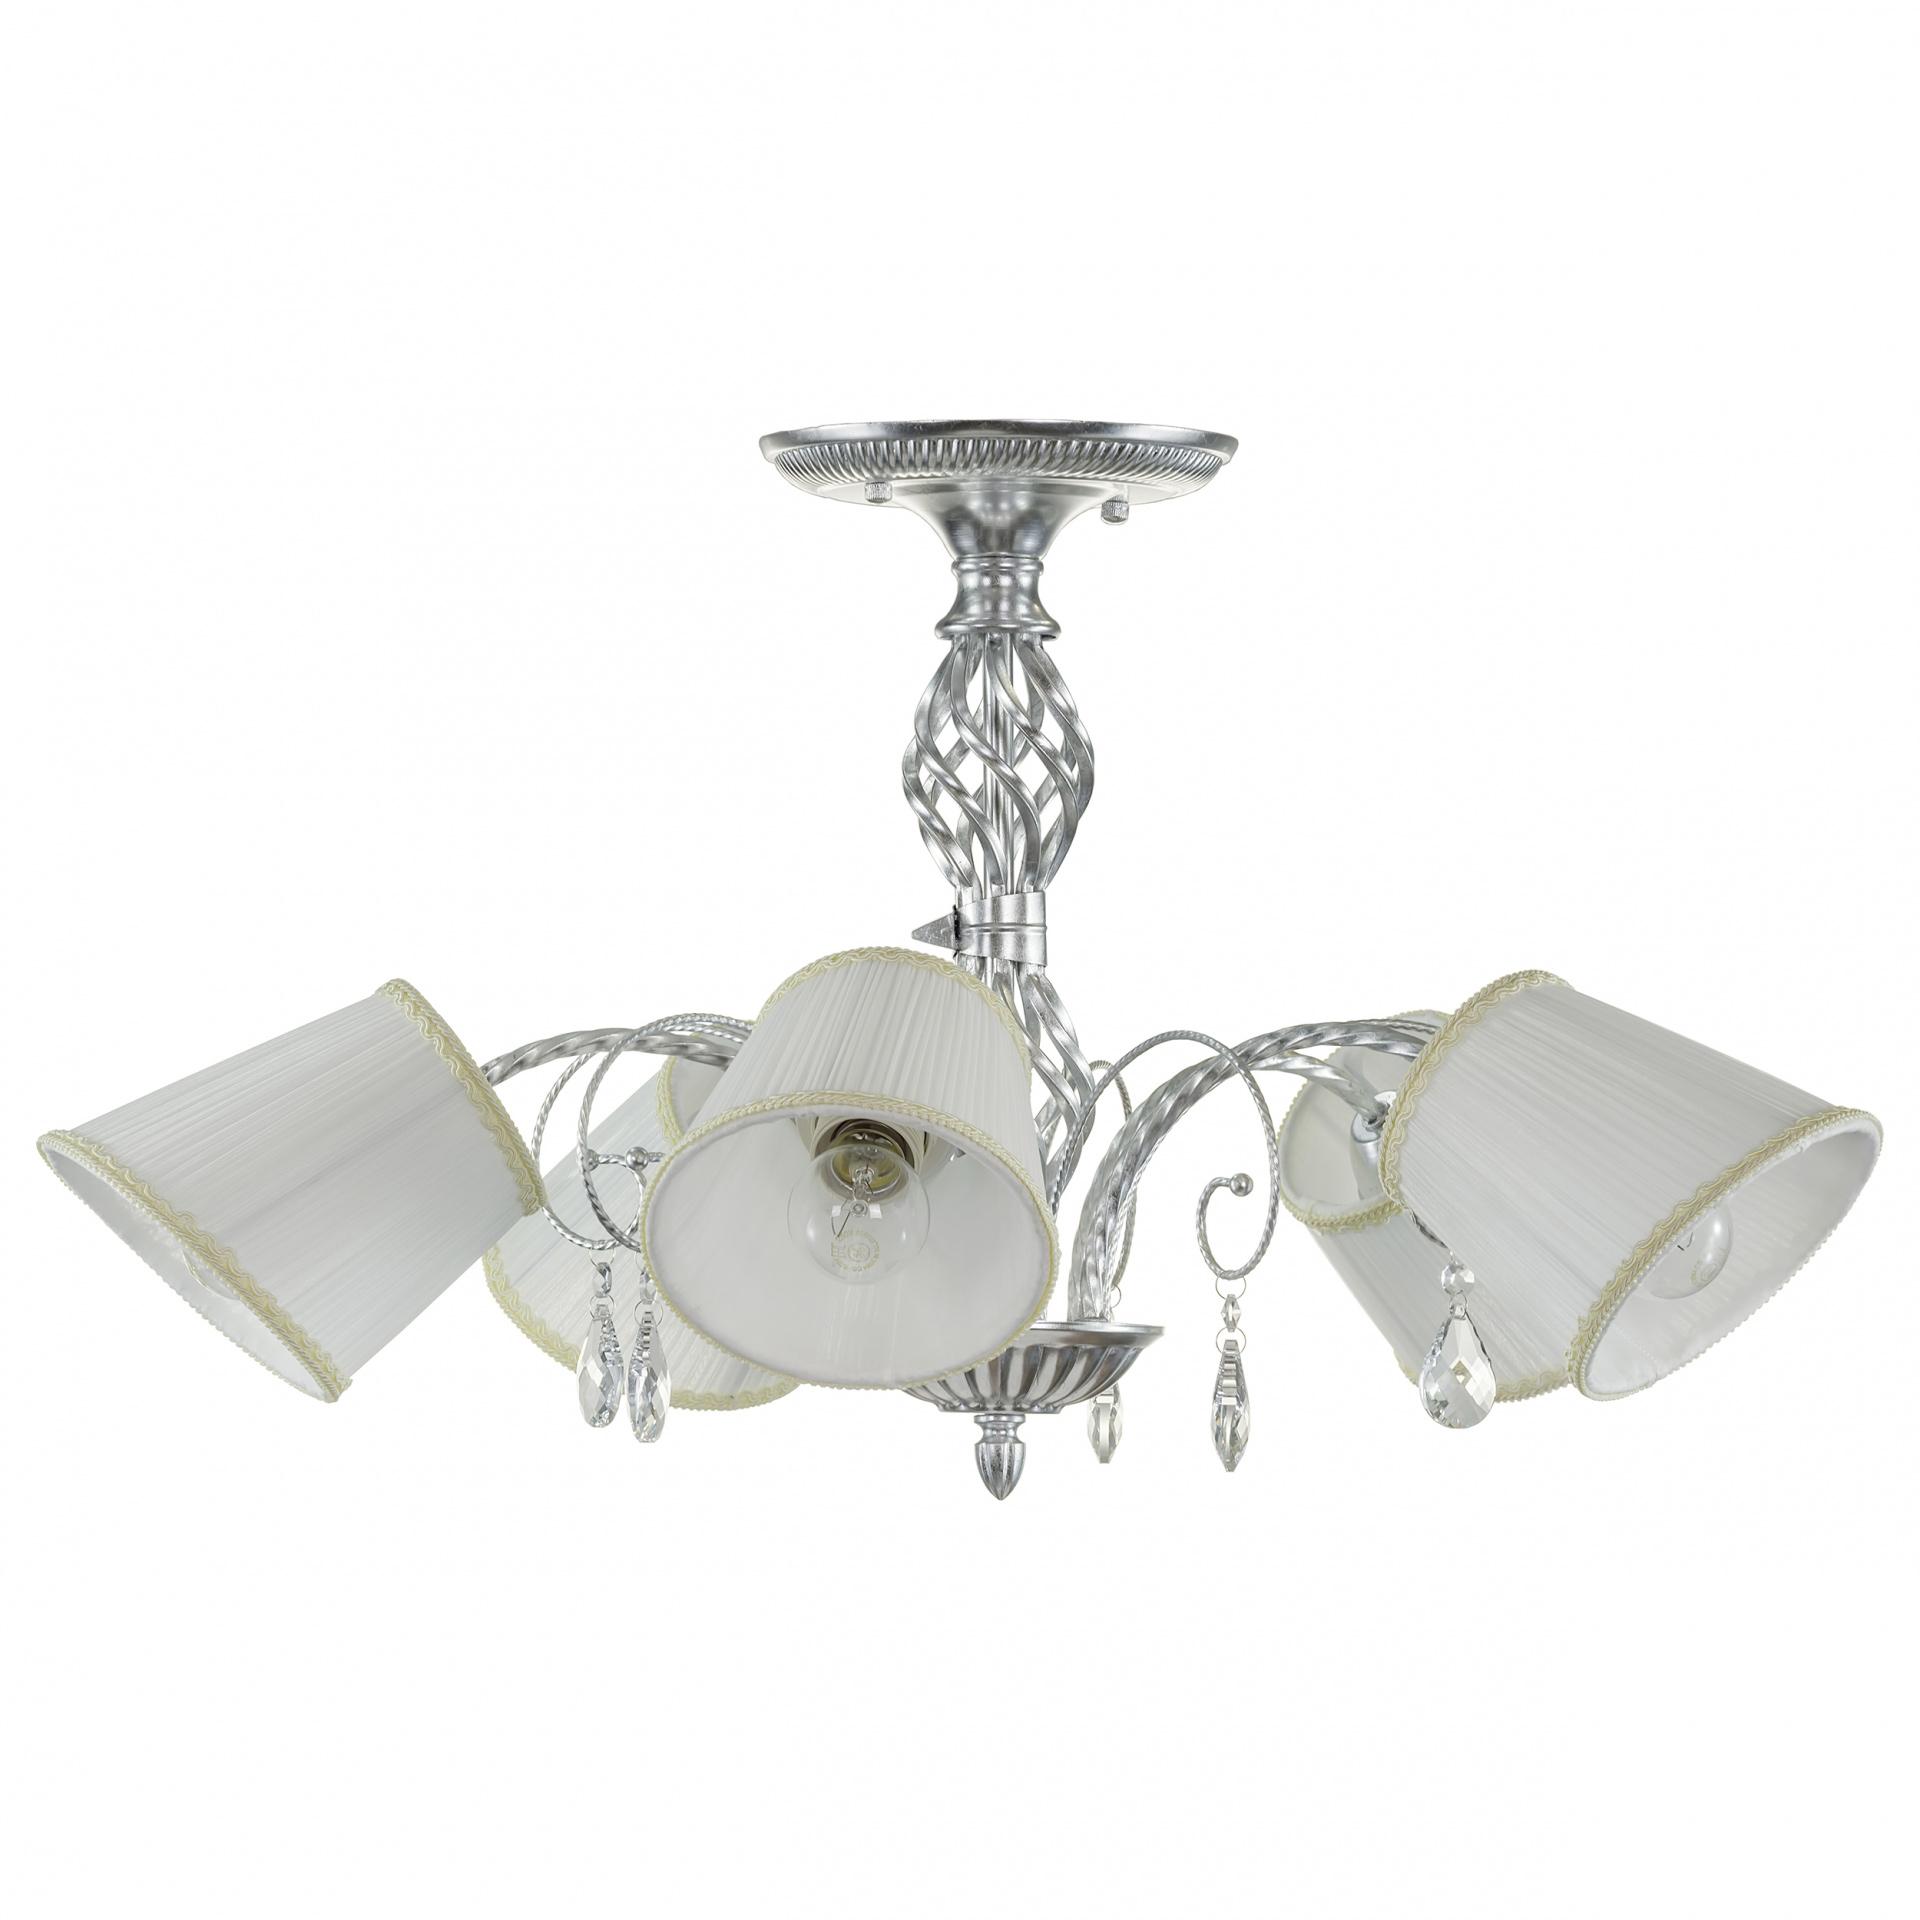 Люстра потолочная Esedra 5x40W E27 silver foil ткань Lightstar 796059, купить в СПб, Москве, с доставкой, Санкт-Петербург, интернет-магазин люстр и светильников Starlight, фото в жизни